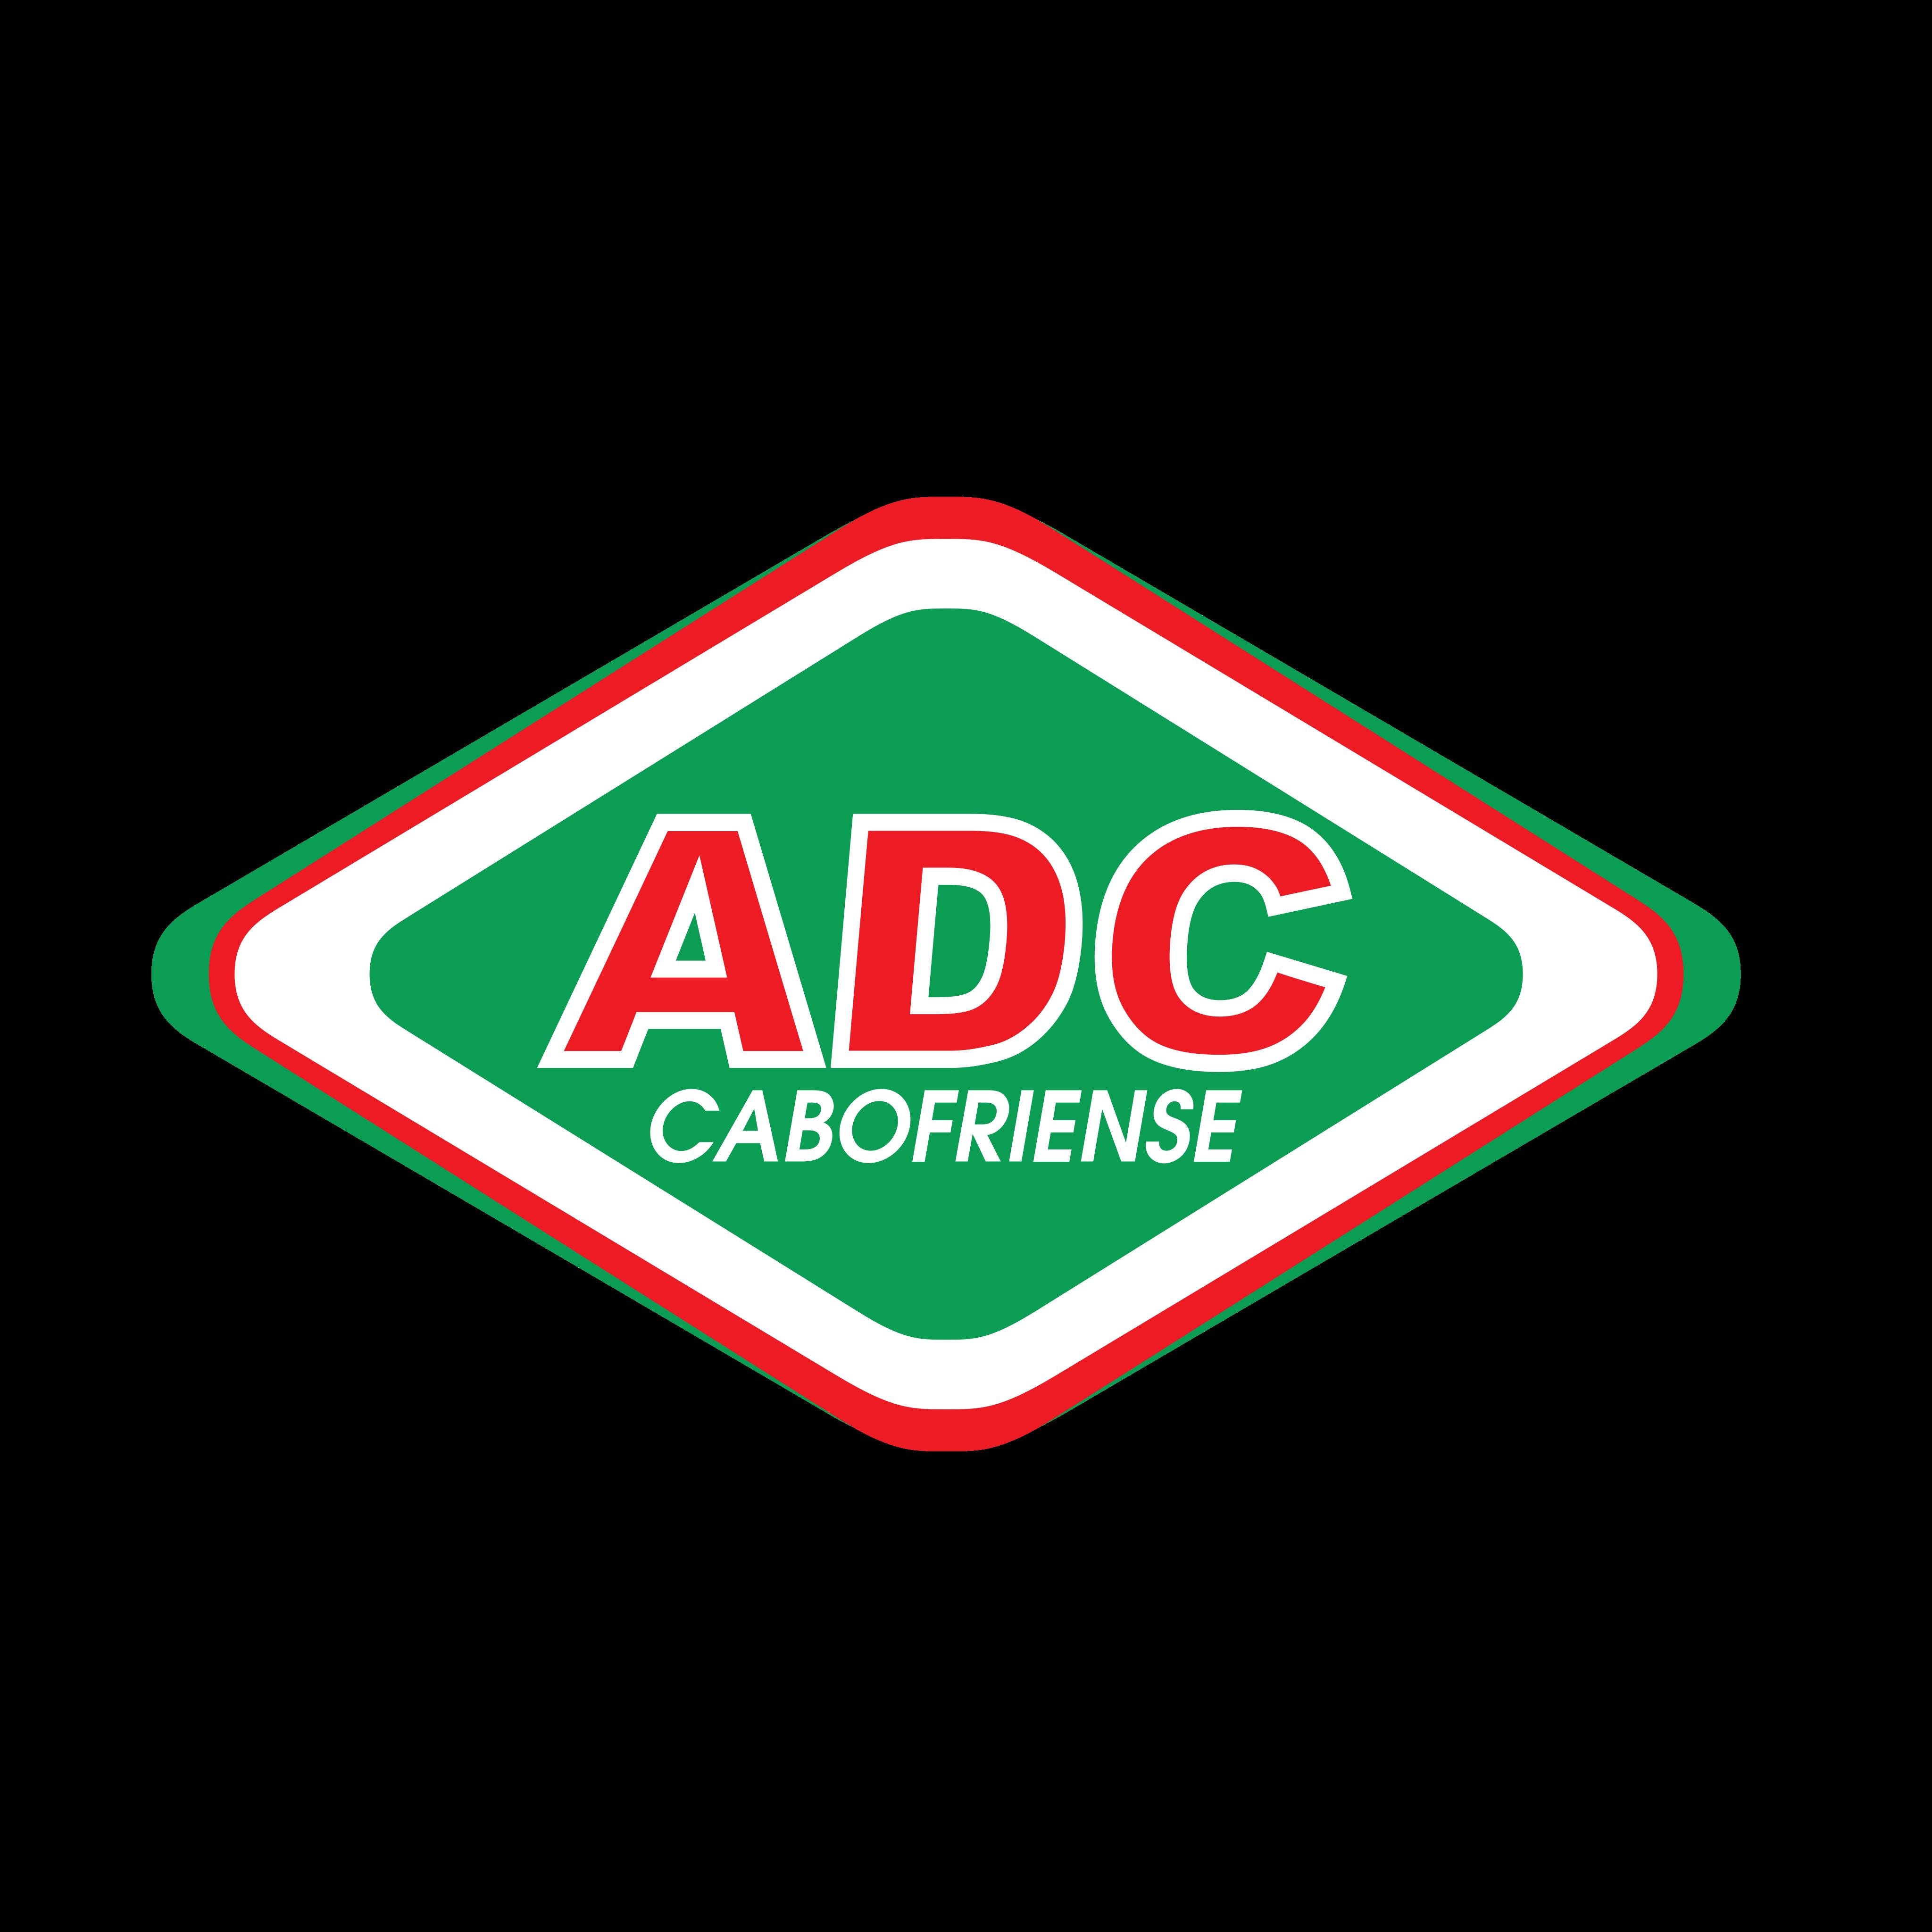 cabofriense-logo-escudo-0